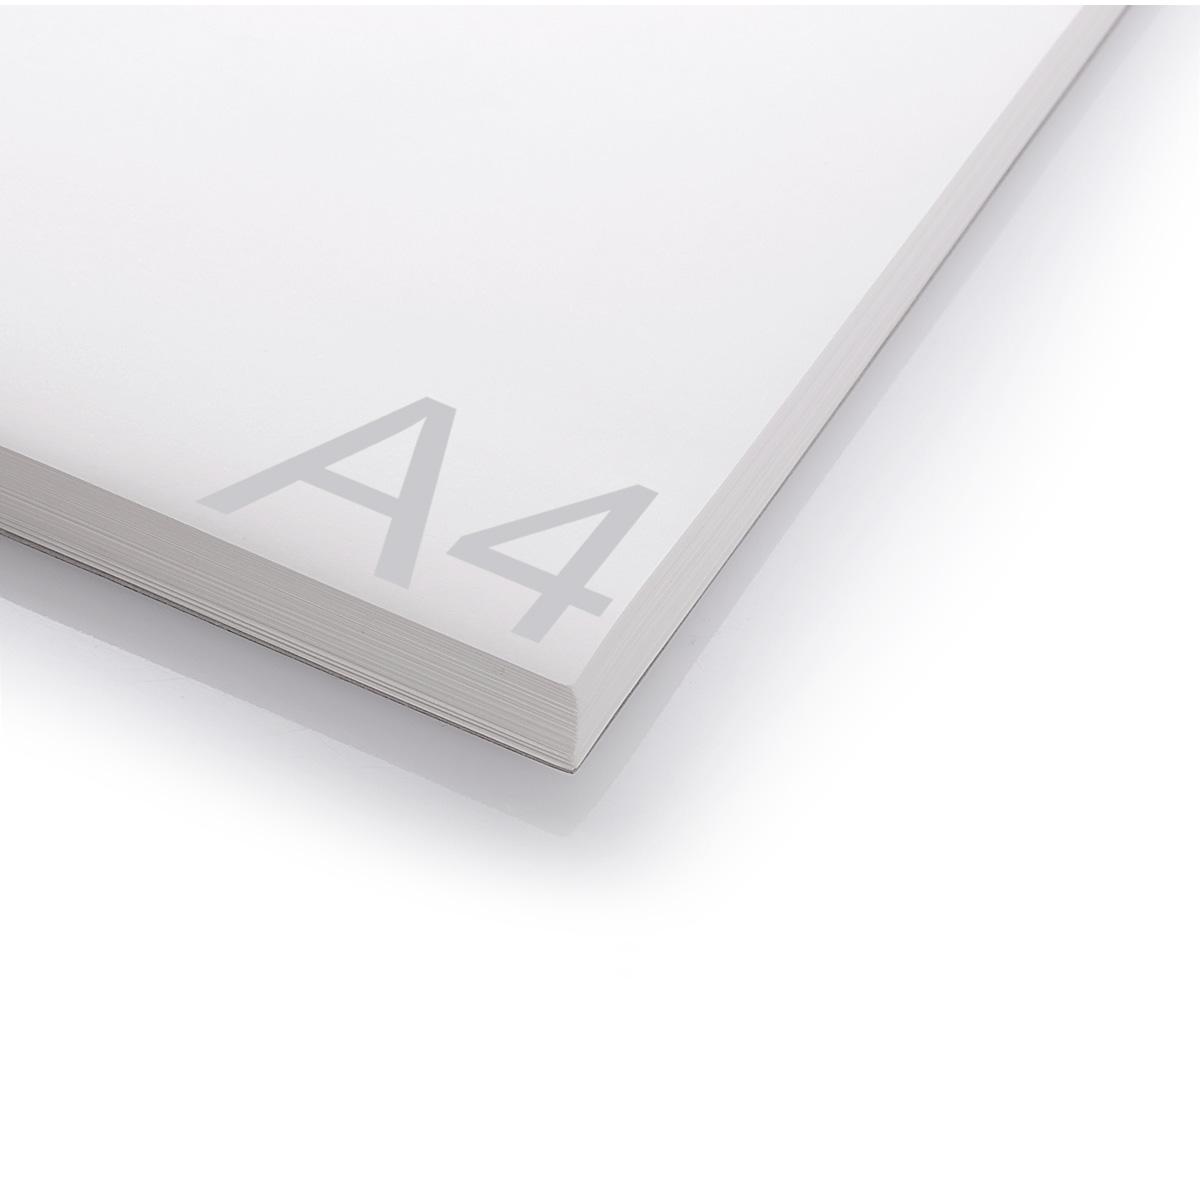 A4 Inkjet RC Fotopapier | PREMIUM | Glossy | 260G | 20 Blatt